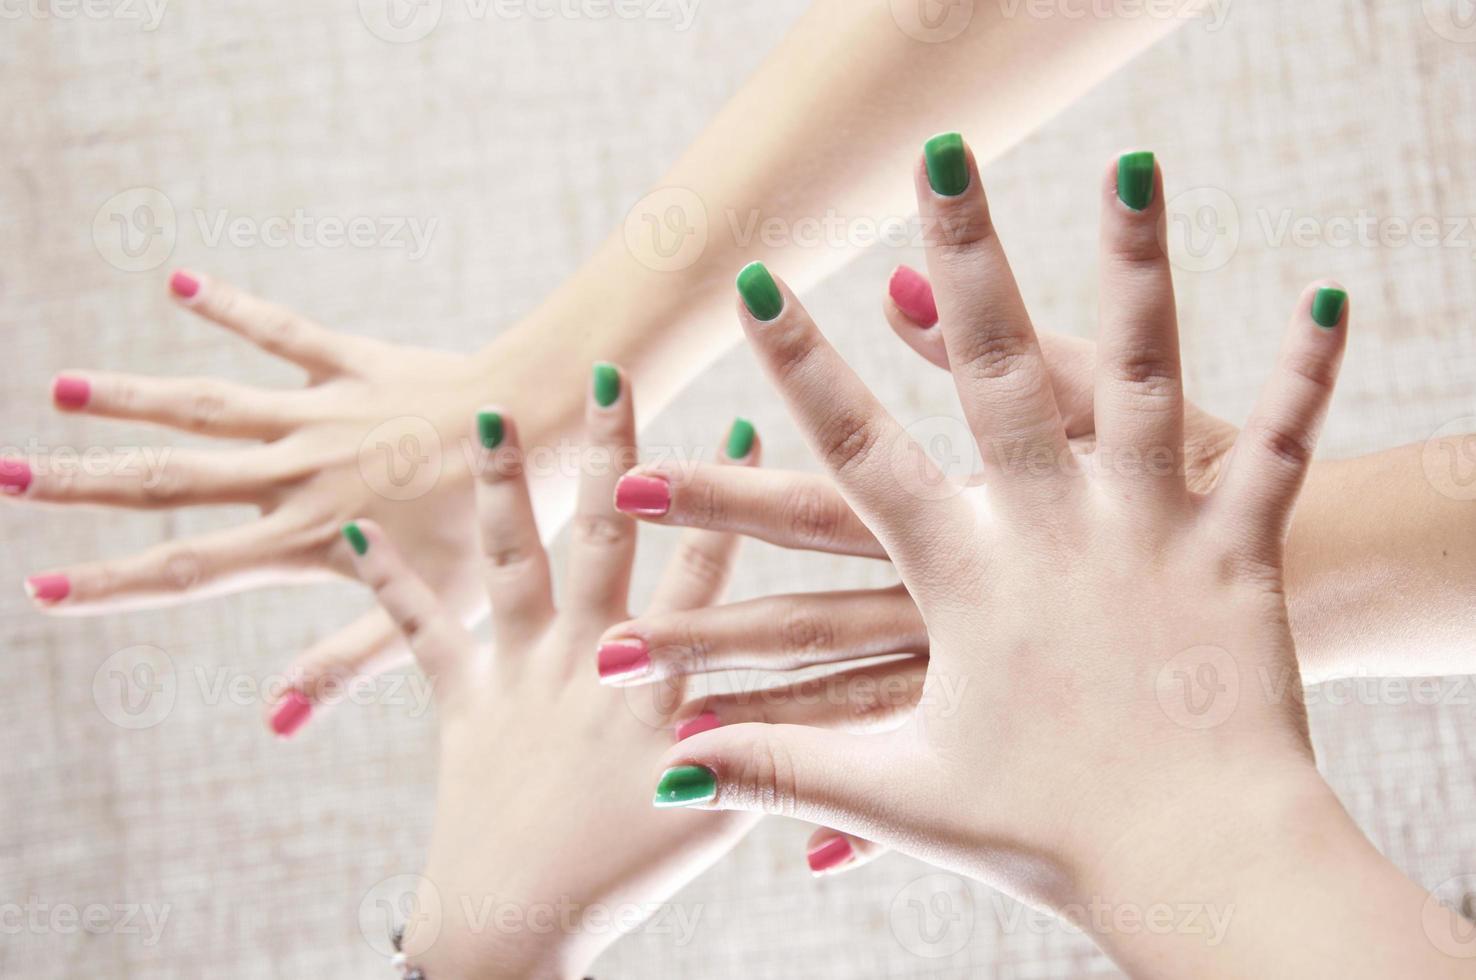 vrouw handen foto